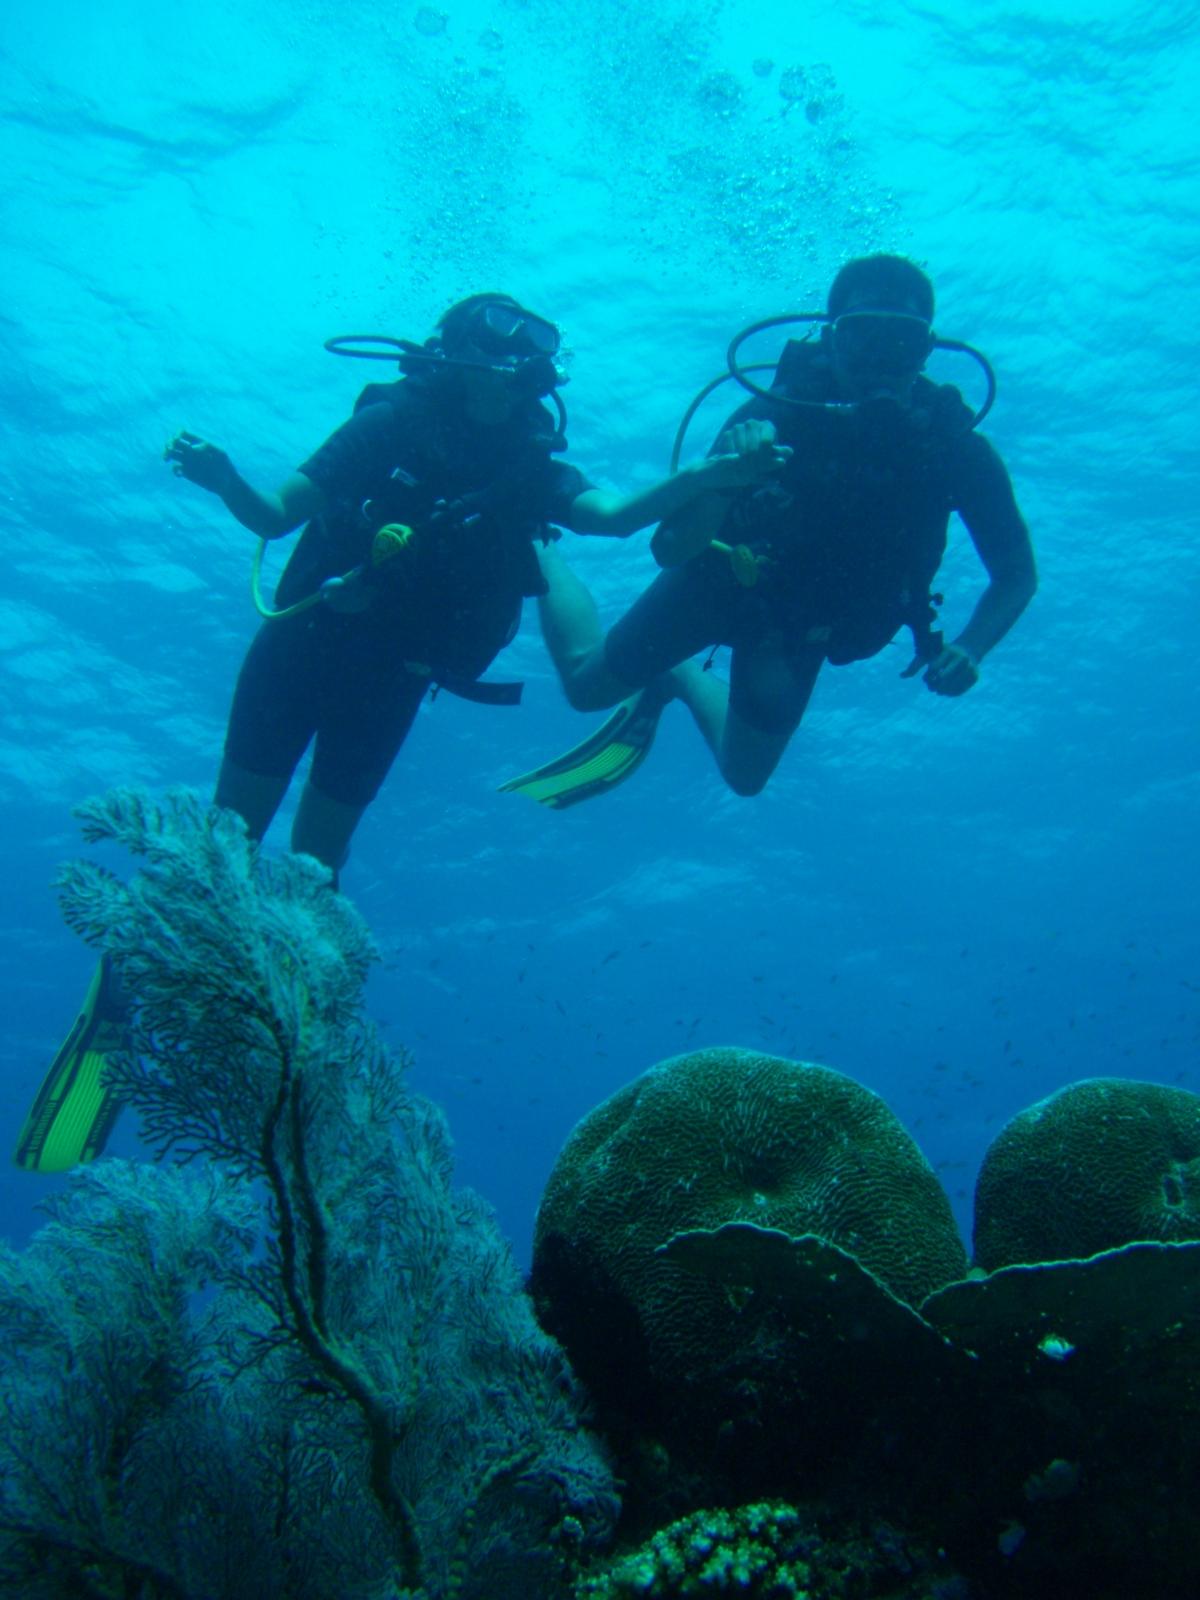 #Trip : Dream Divers at GiliTrawangan